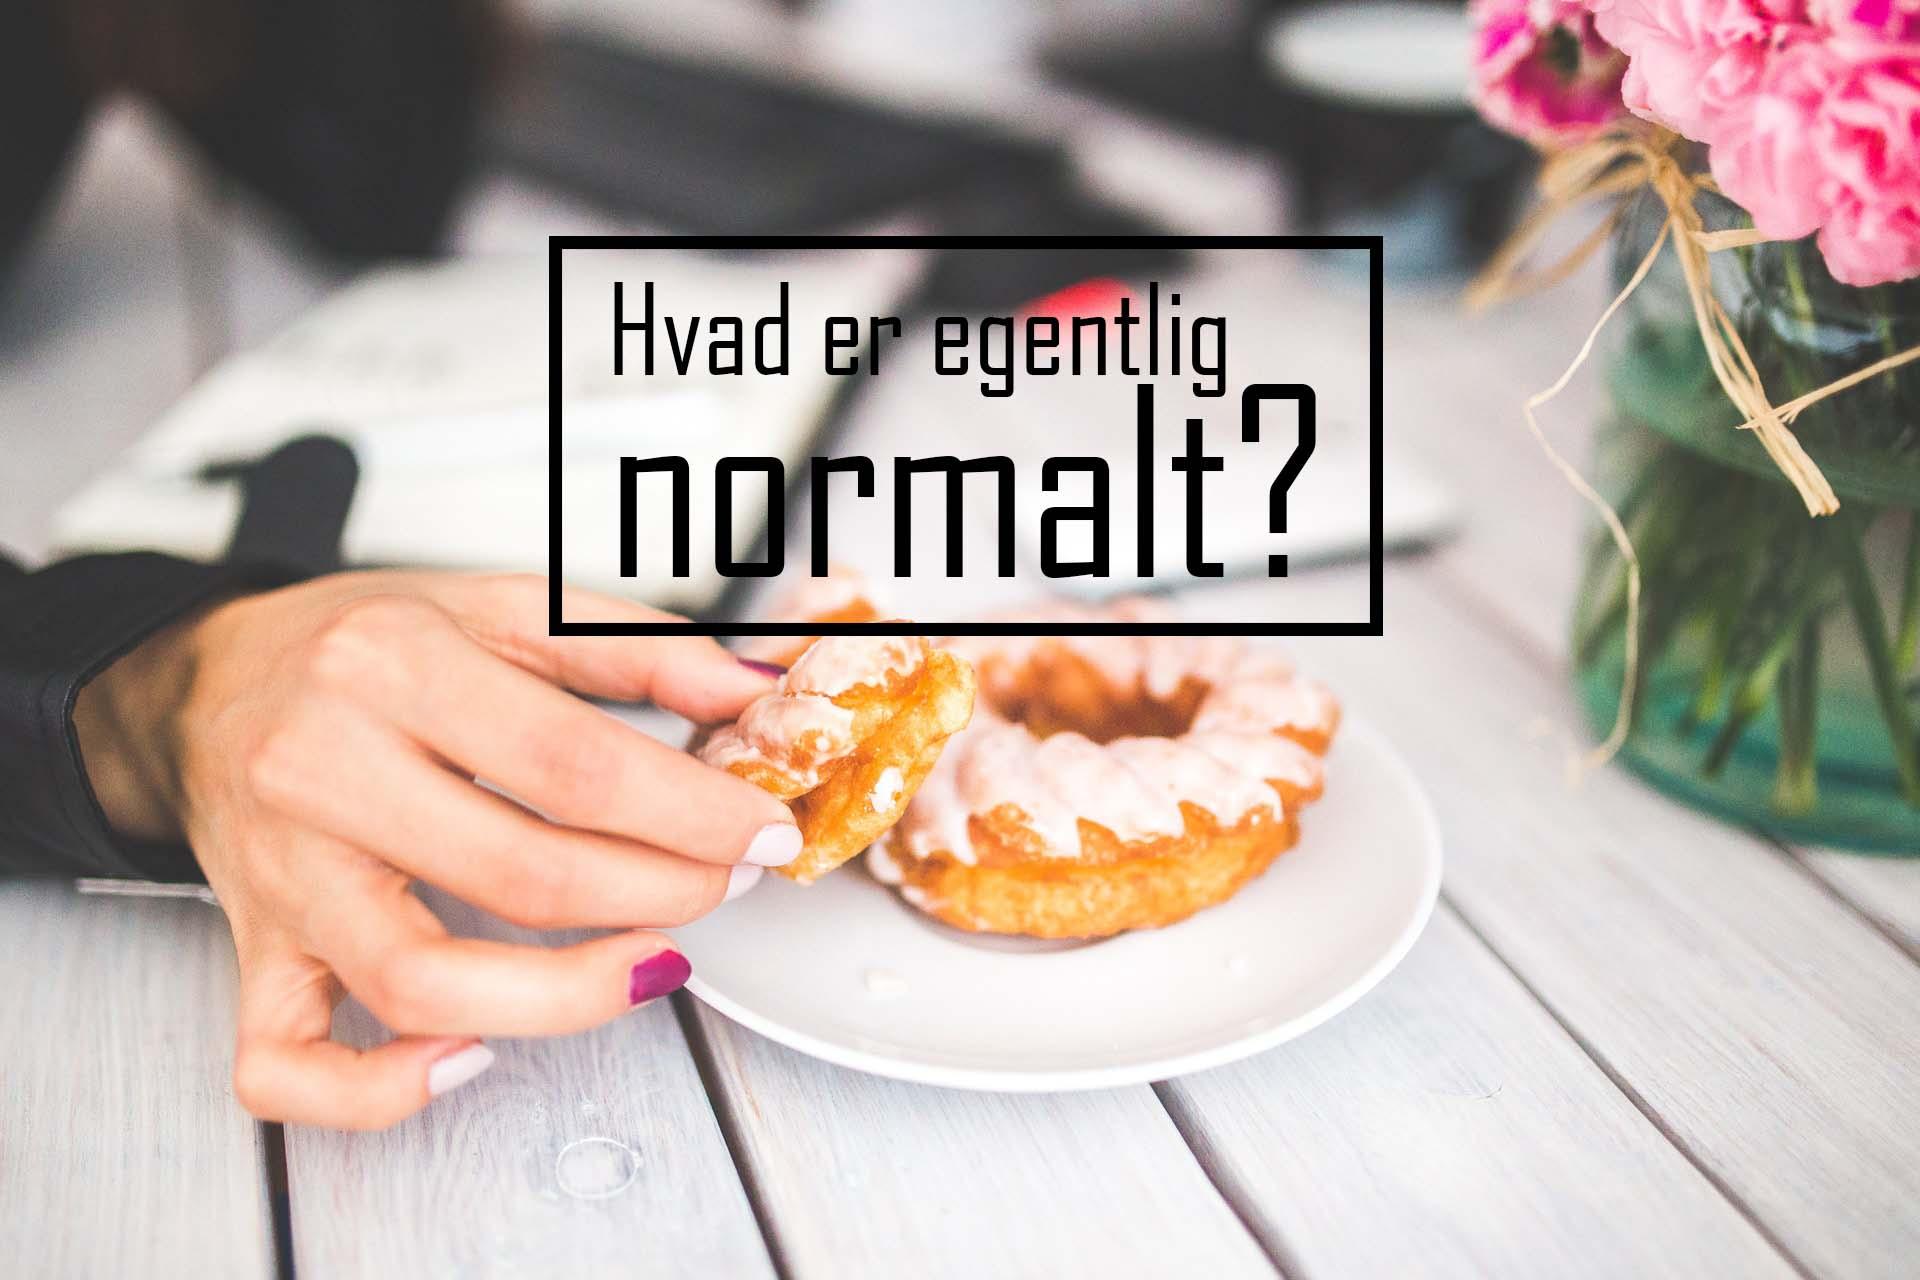 Hvad er egentlig normalt